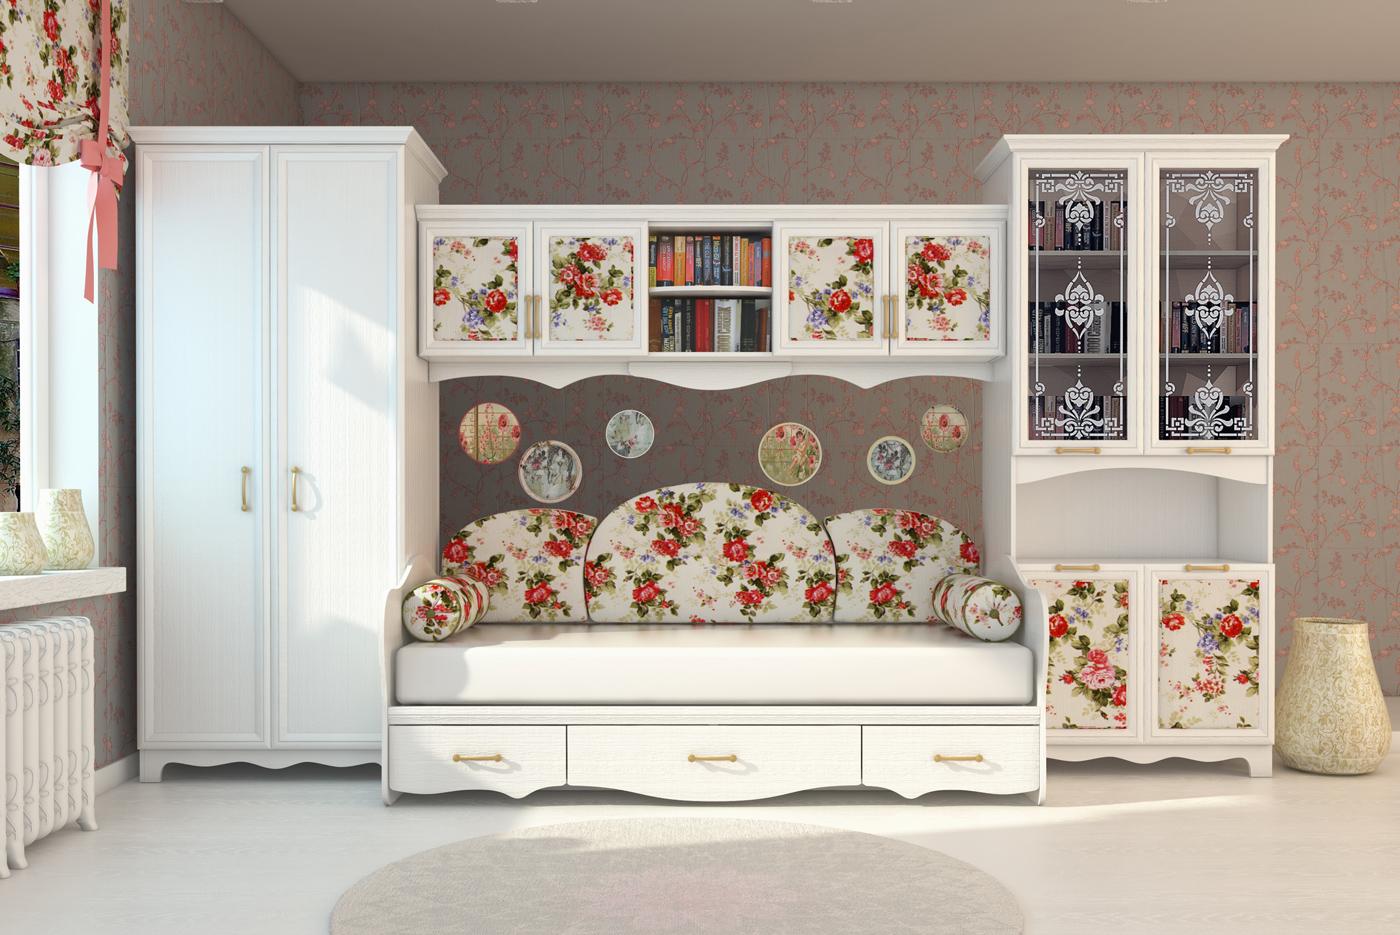 Современная мебель в стиле классика